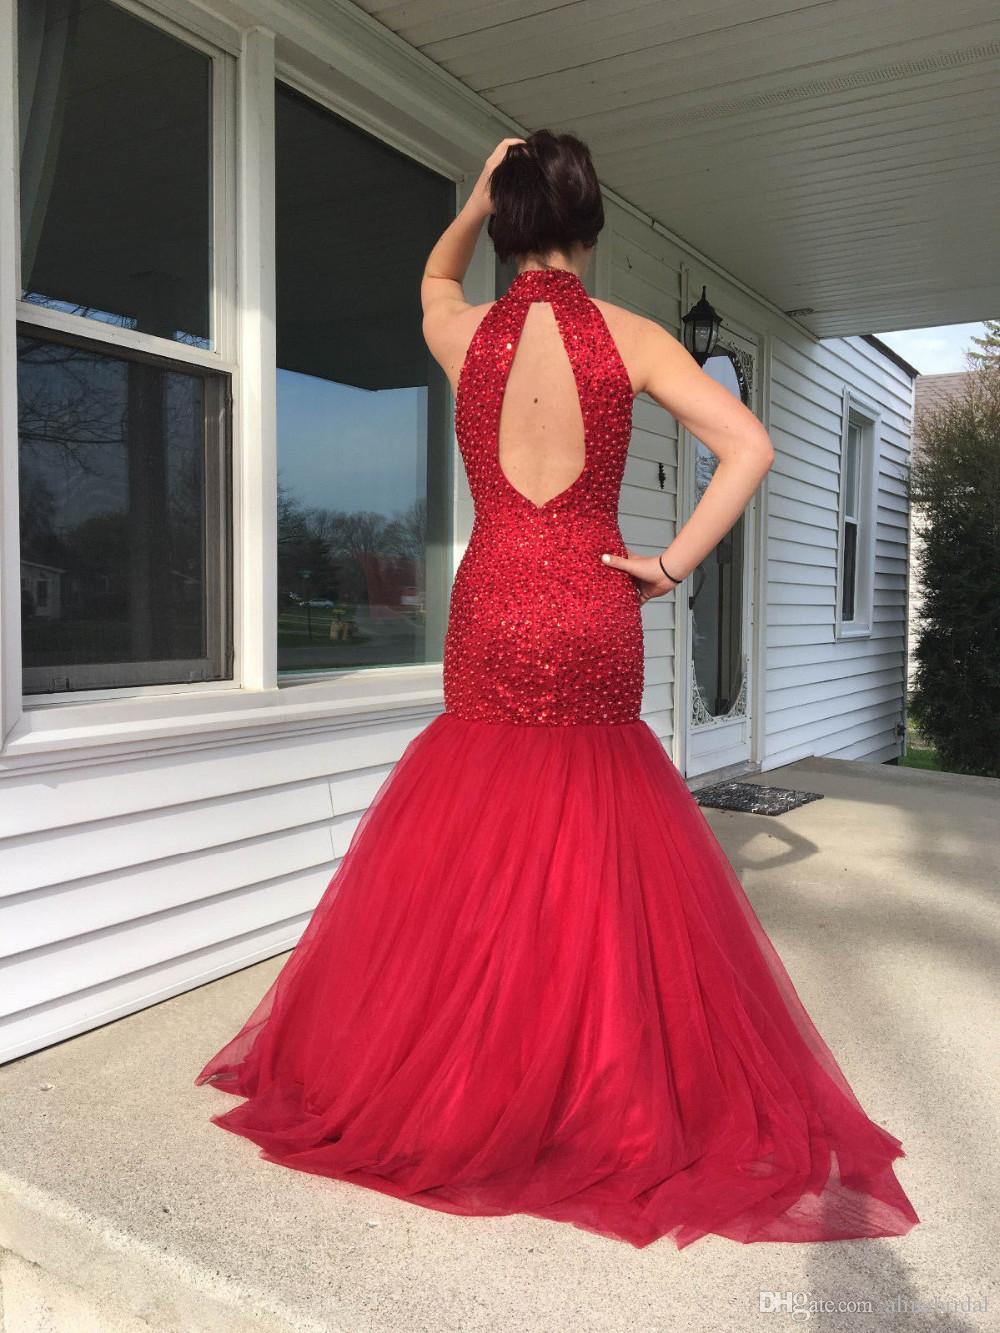 2018 roja romántica formal vestidos de noche vestido de sirena cuello alto de las lentejuelas con cuentas vestido de fiesta con la atractiva sin respaldo